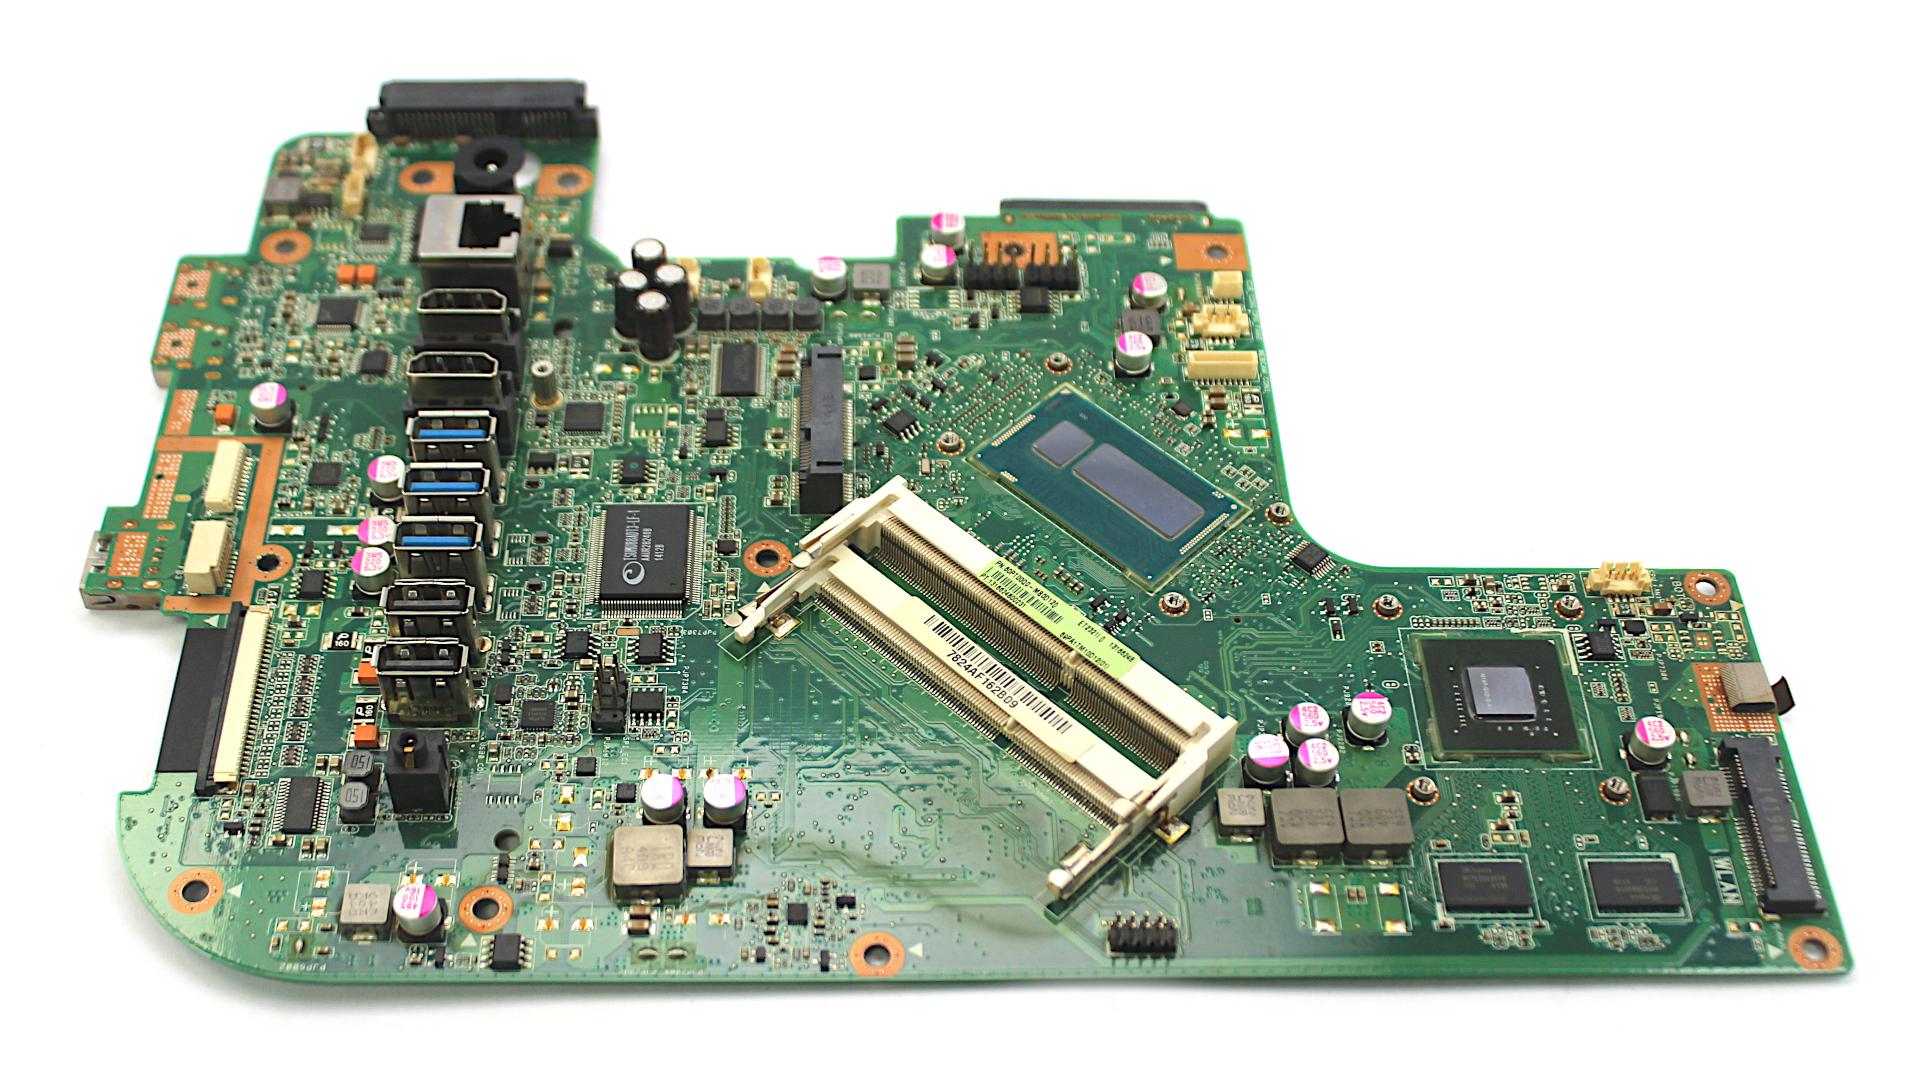 60PT00Q0-MB0D12 Asus ET2321I AiO PC motherboard /w BGA Core i5-4200U CPU